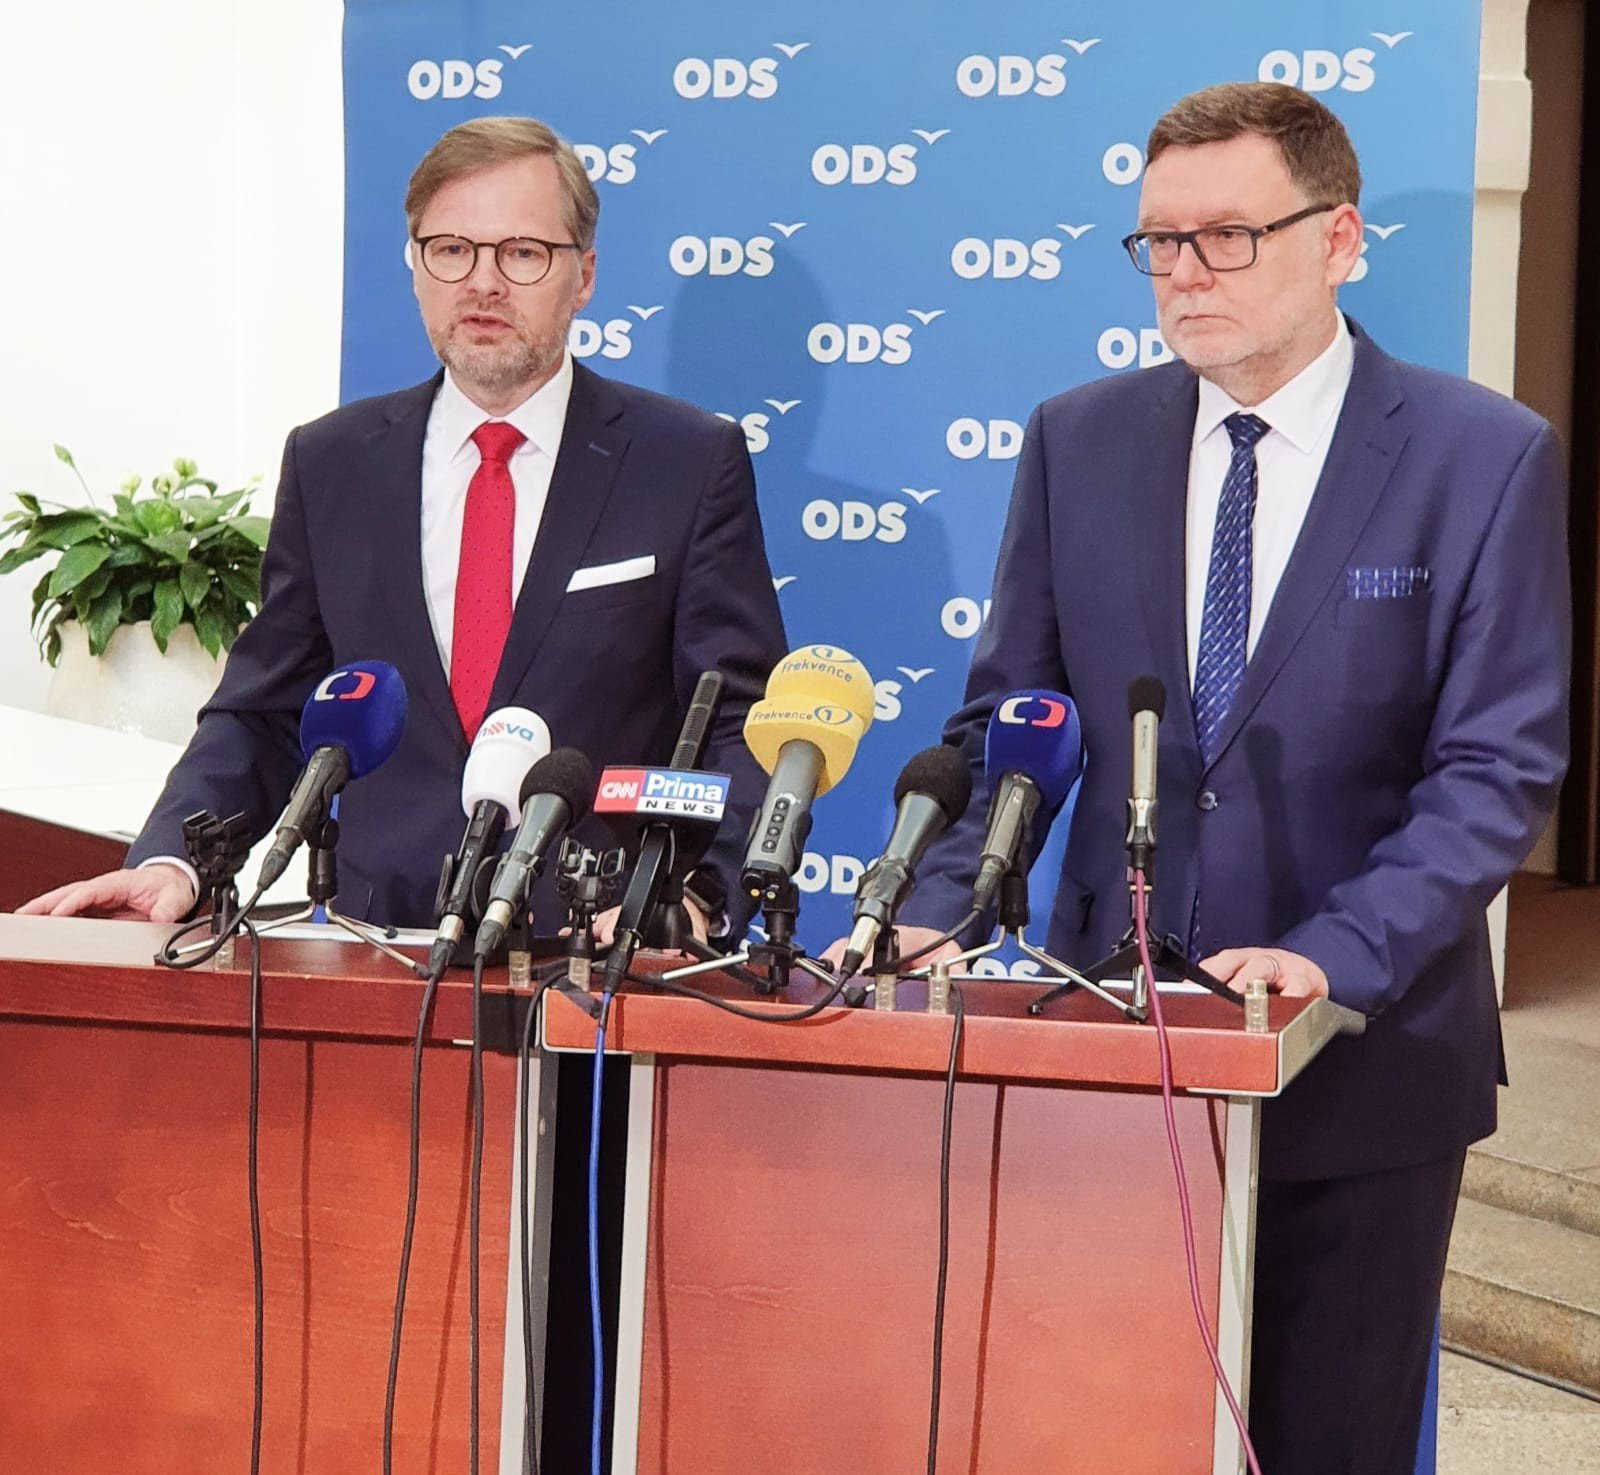 ODS: Vláda nemá žádný plán, my předložíme záchranný kruh pro ekonomiku